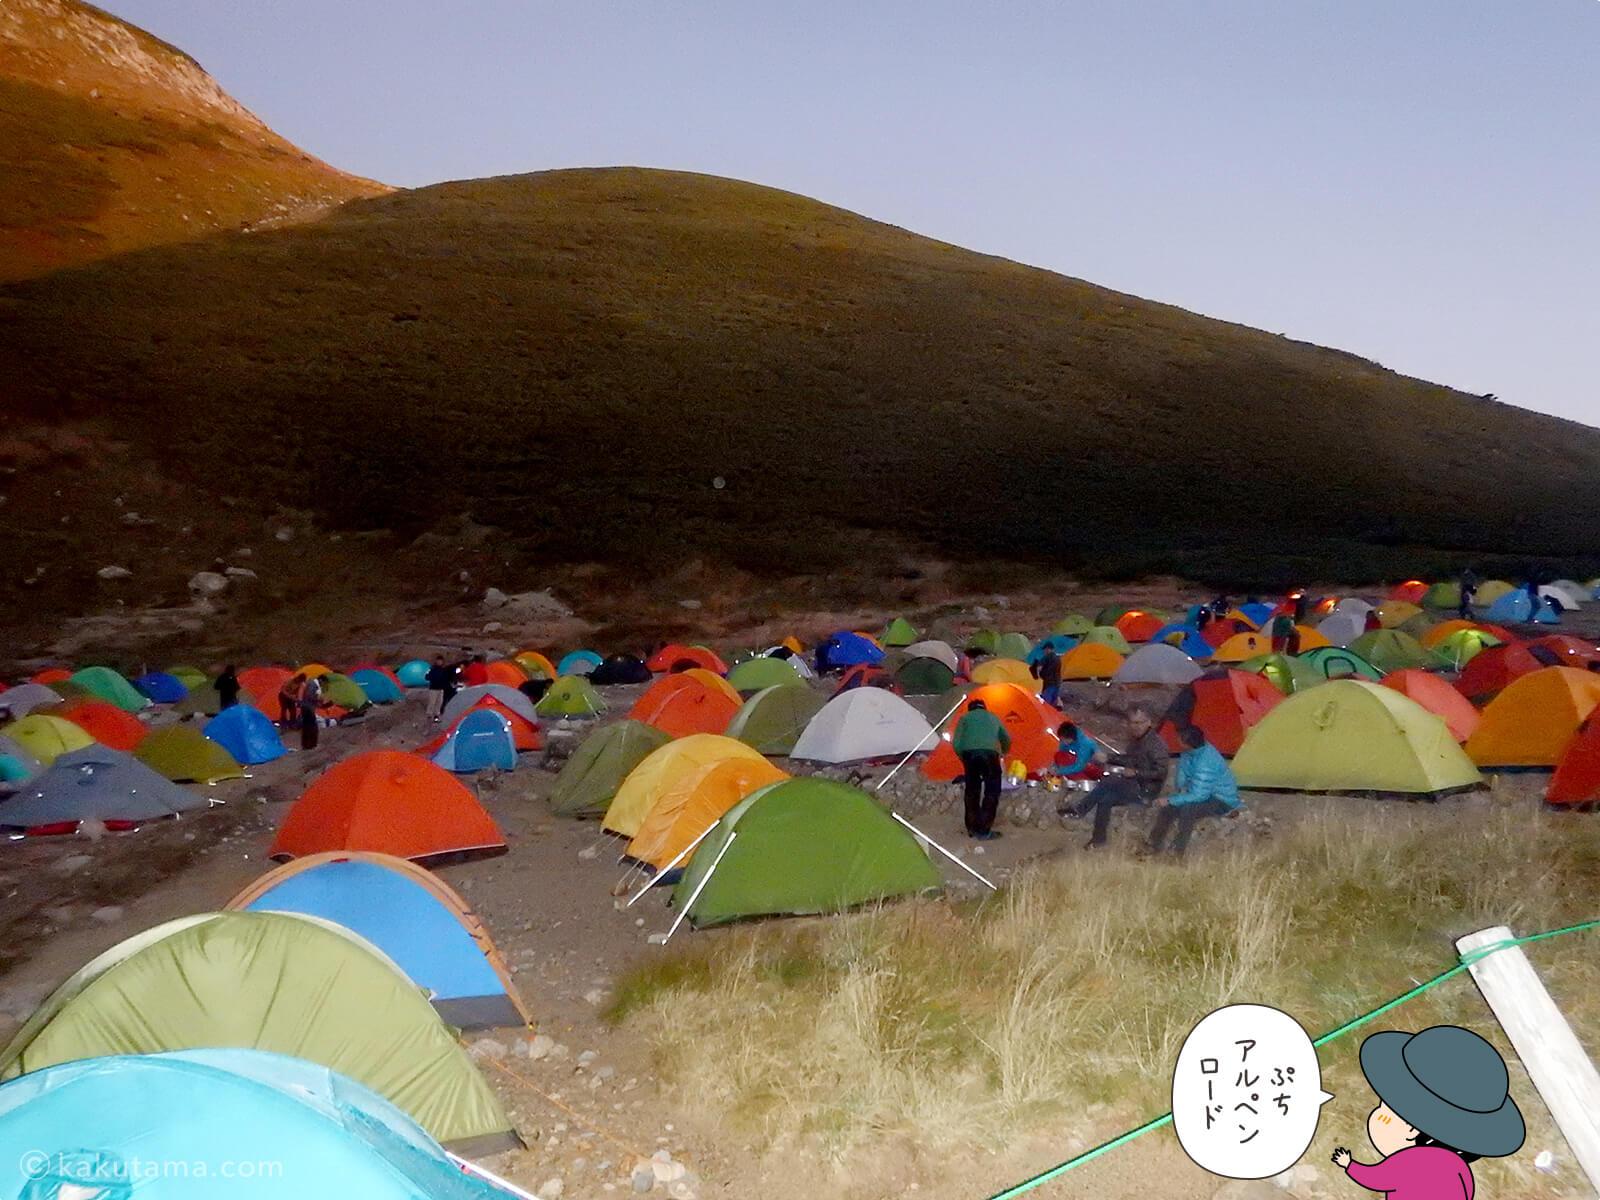 明るくなってきた双六小屋テント場